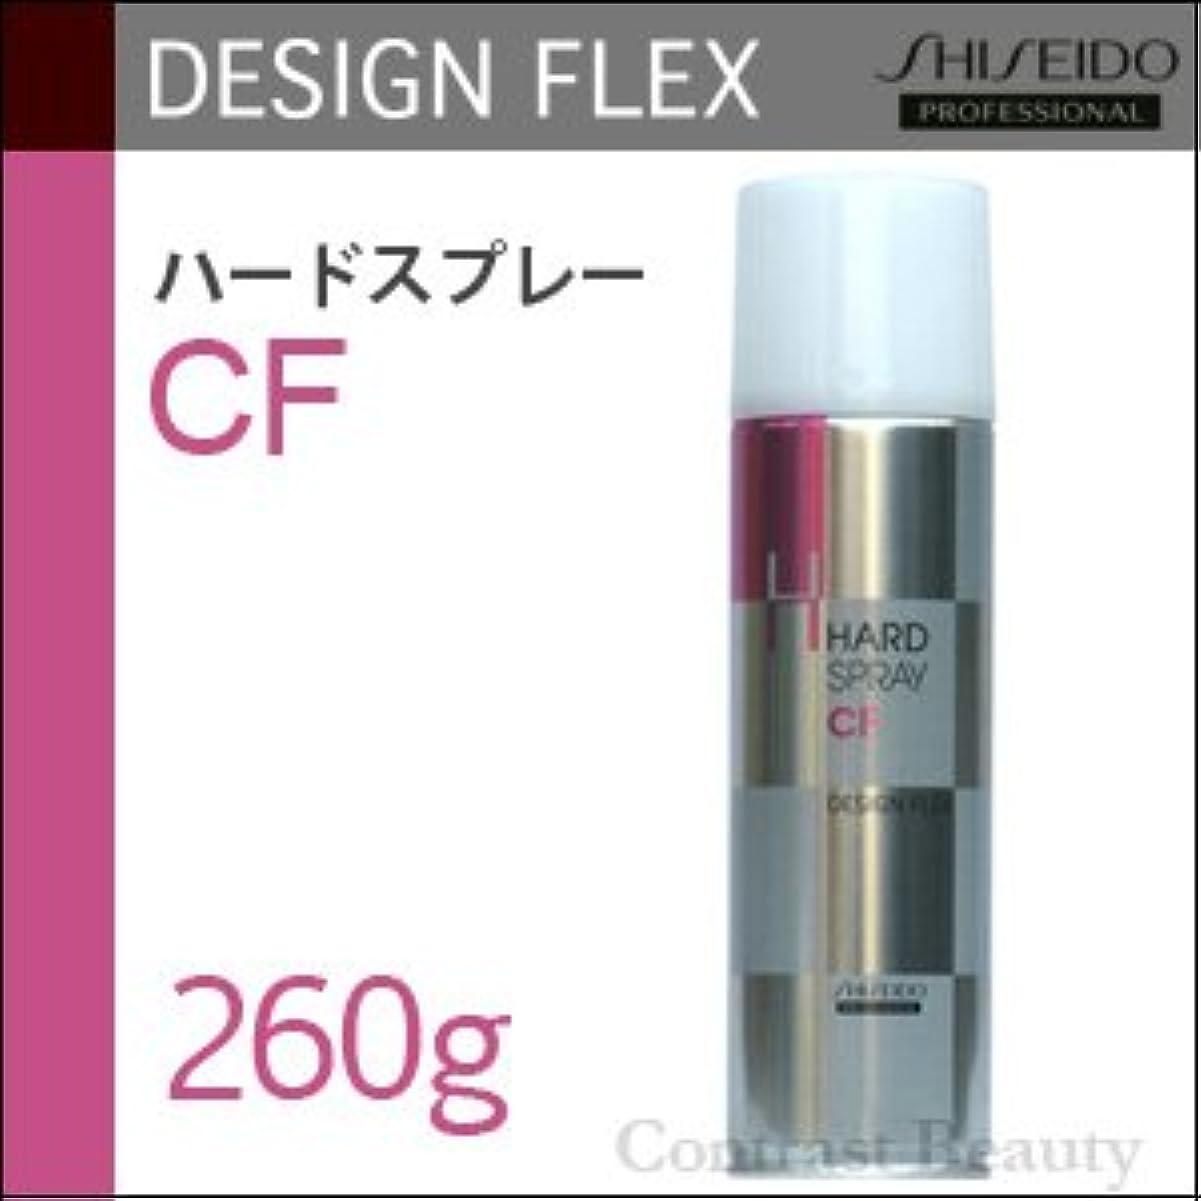 どちらも誤解する陰気資生堂 デザインフレックス ハードスプレーCF 260g